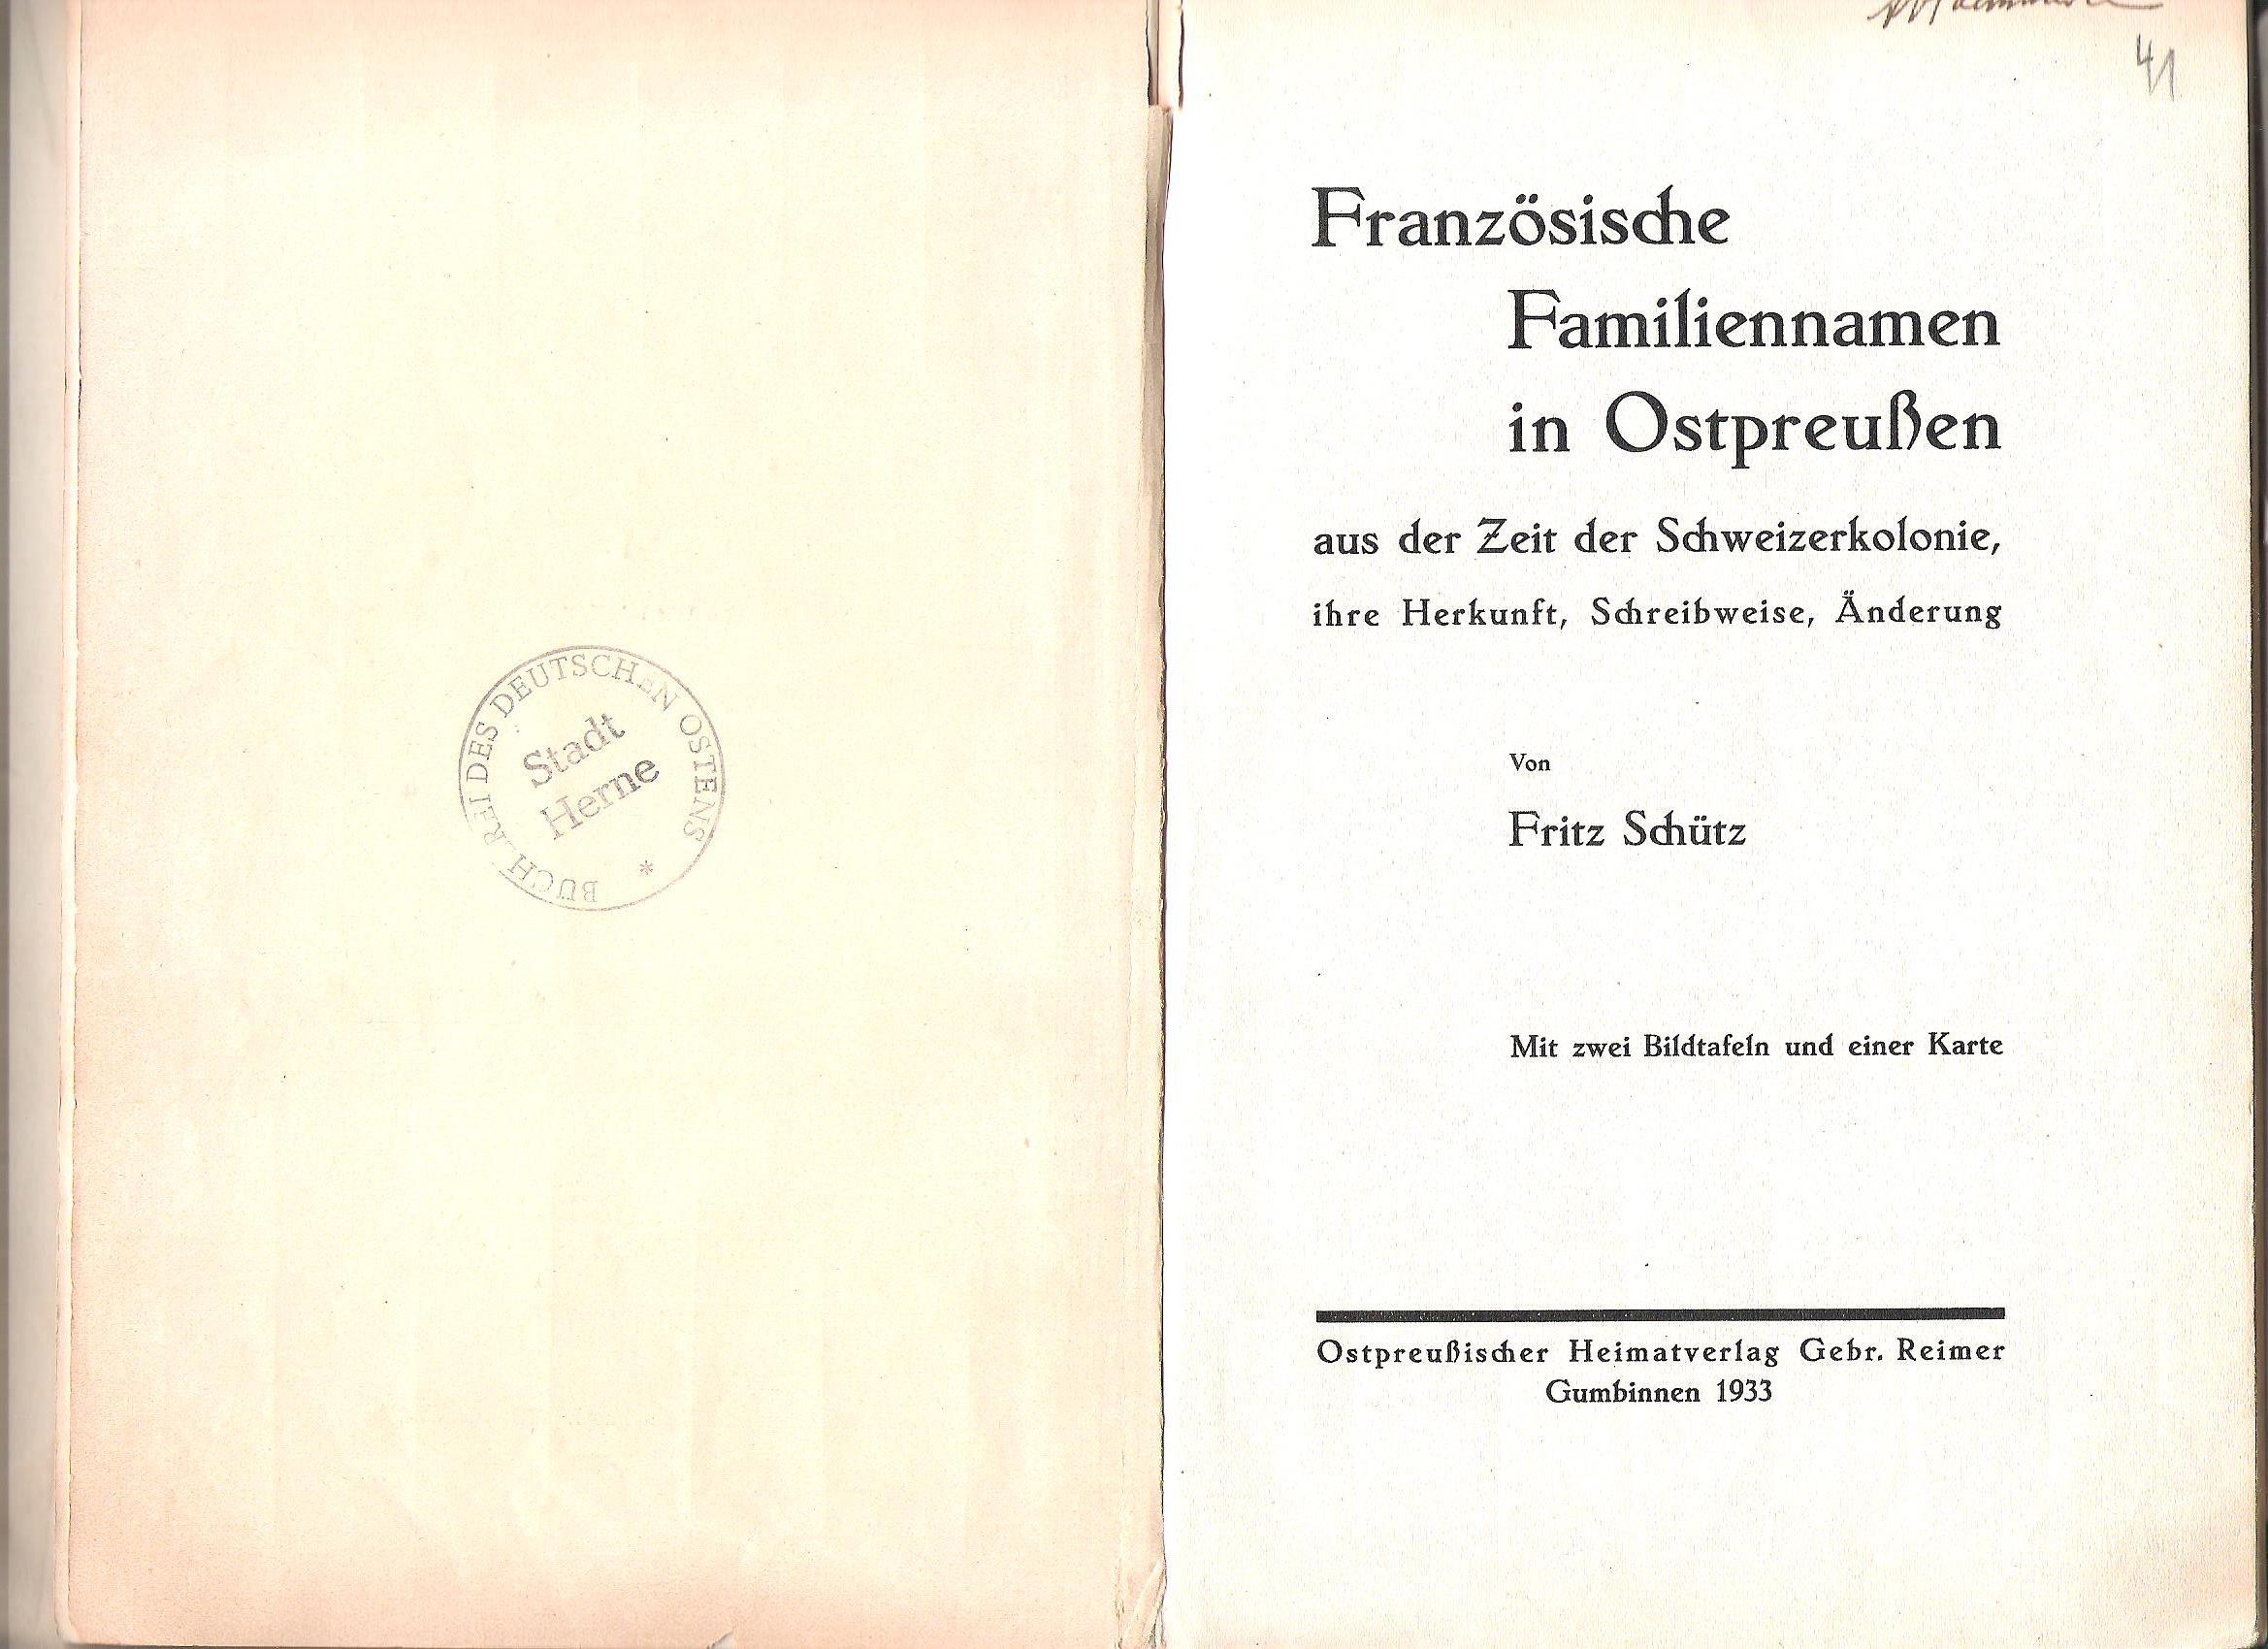 """""""Die mit bezeichneten Familiennamen kommen heute noch in Ostpreußen vor … Die Schreibweise der Namen ist der Kirchenbücher"""""""